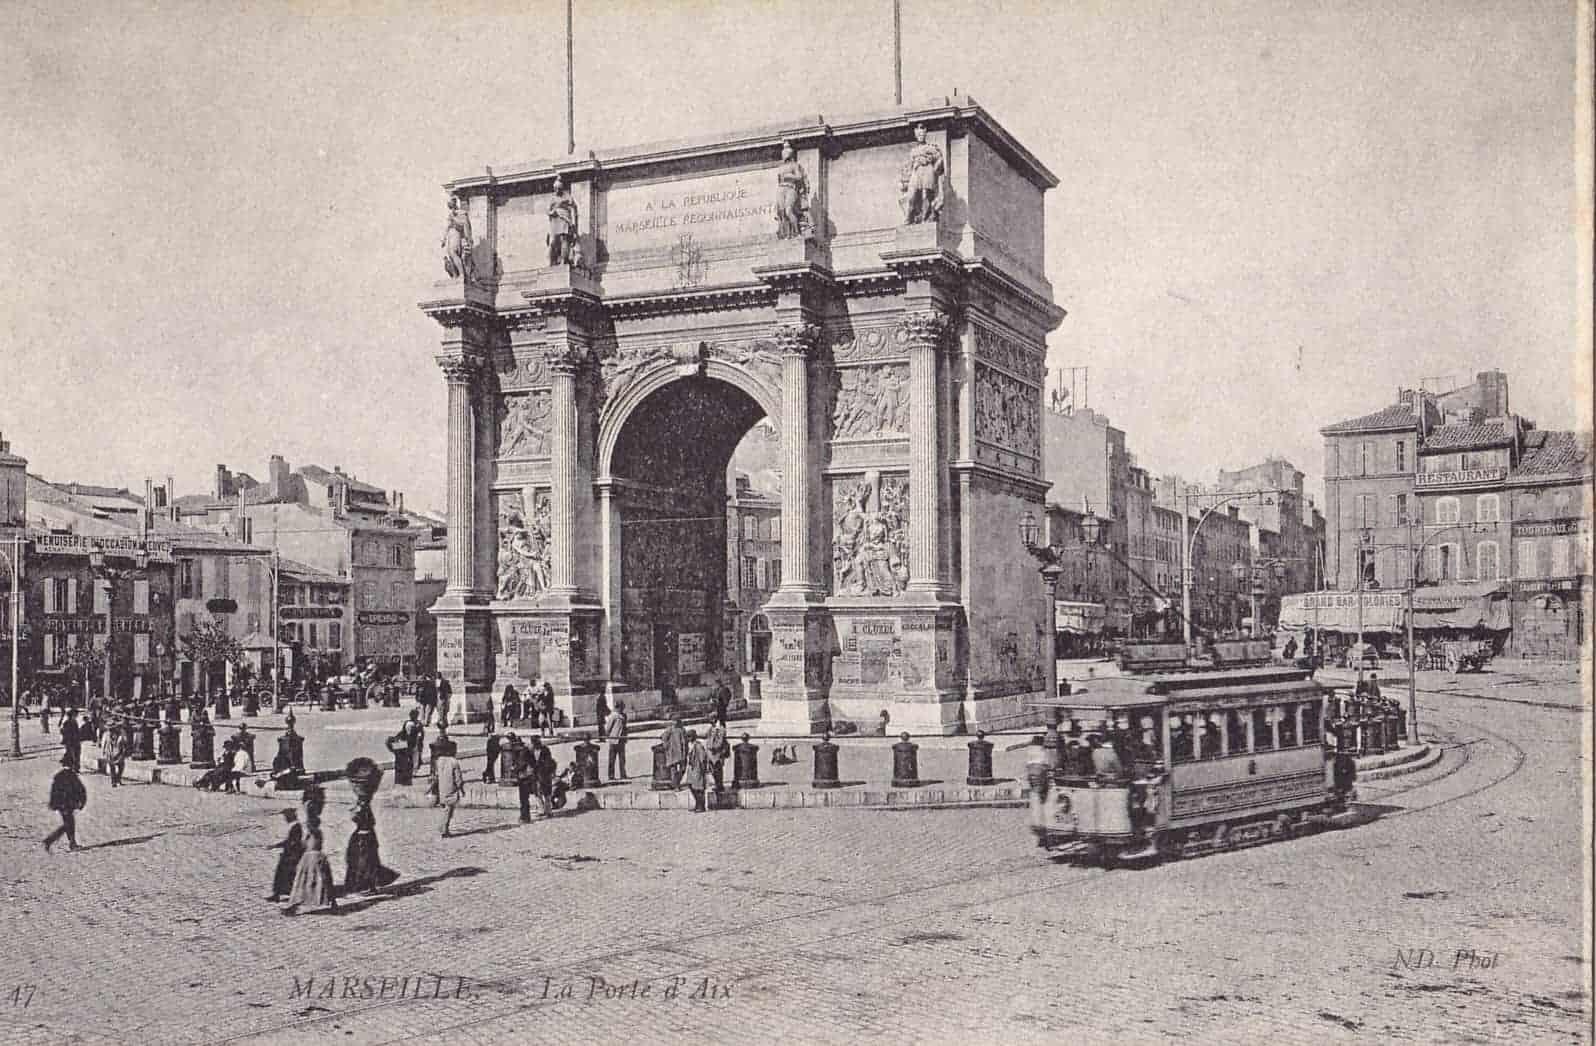 , Plongée dans l'histoire de la Porte d'Aix, l'Arc de triomphe de Marseille, Made in Marseille, Made in Marseille